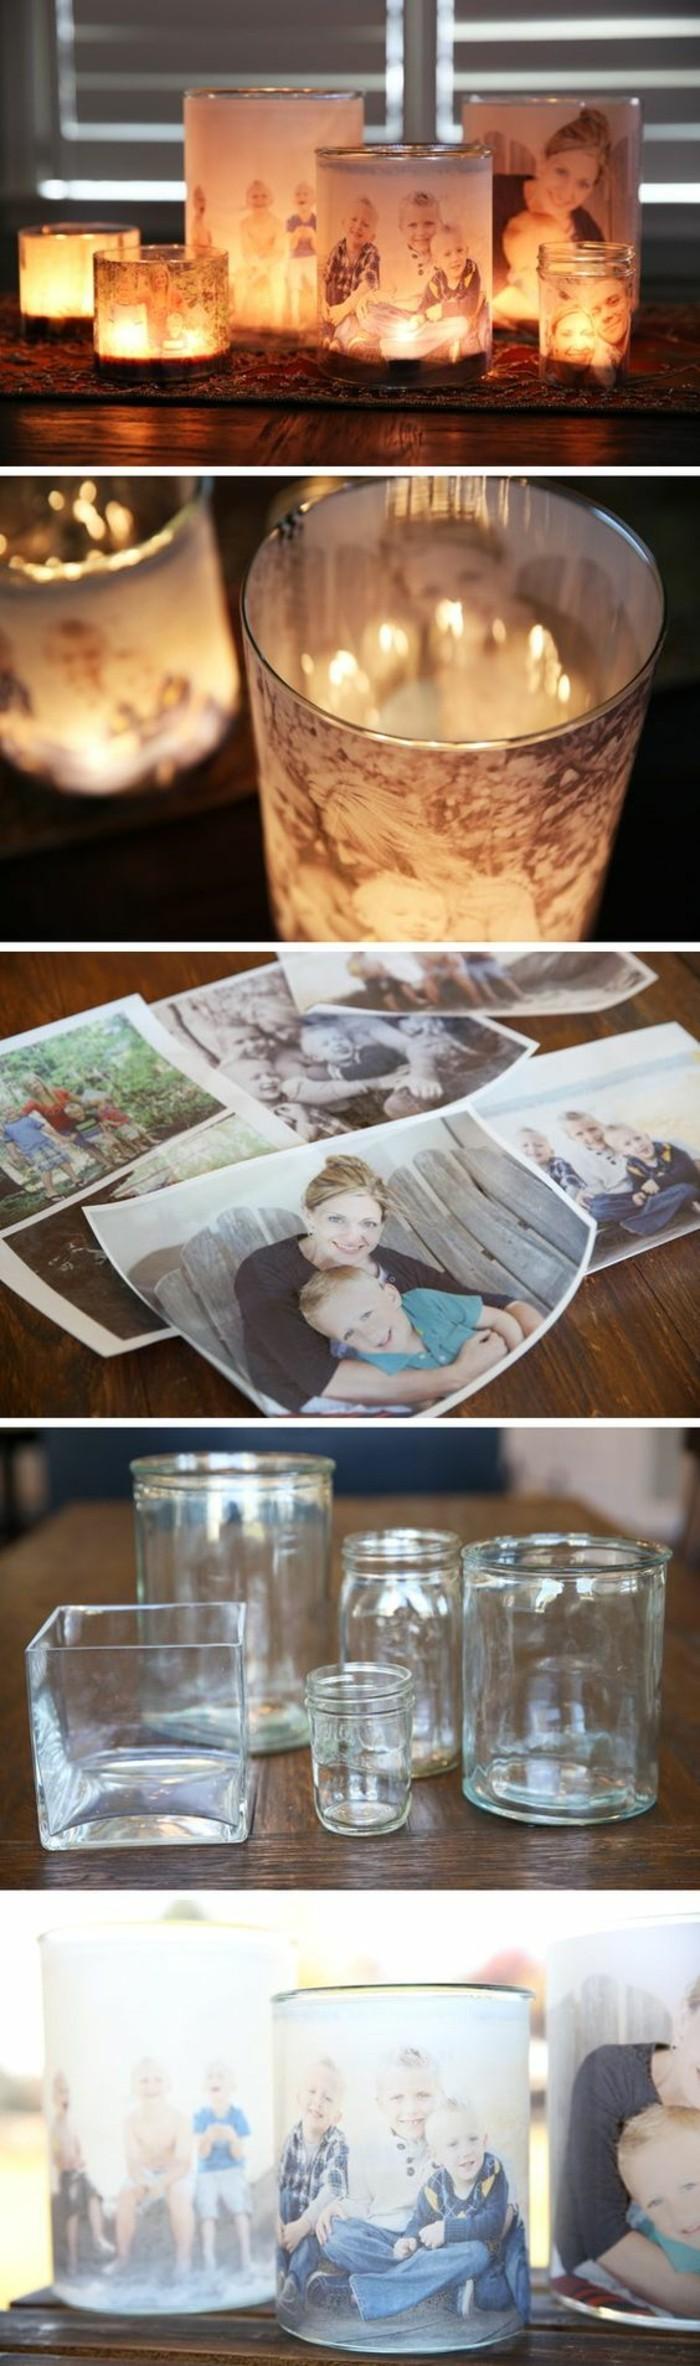 activité manuelle amusante, utiliser ses photos de famille pour faire un objet de déco, cadeau original a fabriquer